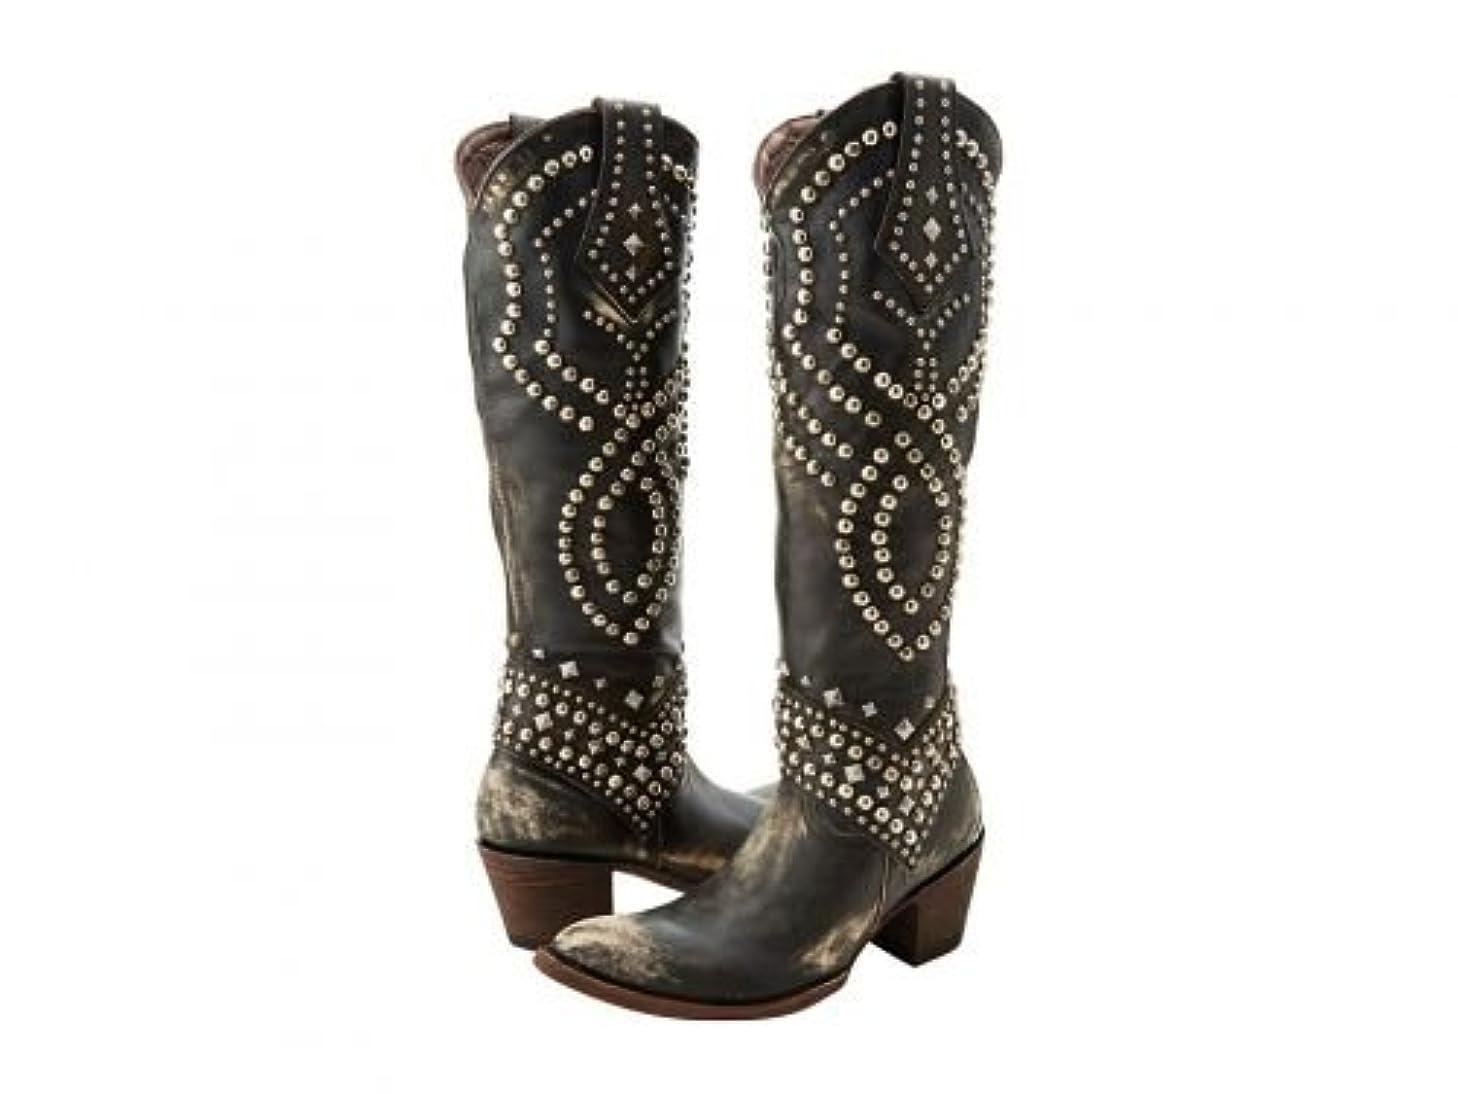 ブラインド用量春Old Gringo(オールドグリンゴ) レディース 女性用 シューズ 靴 ブーツ ウエスタンブーツ Belinda - Black/Beige [並行輸入品]